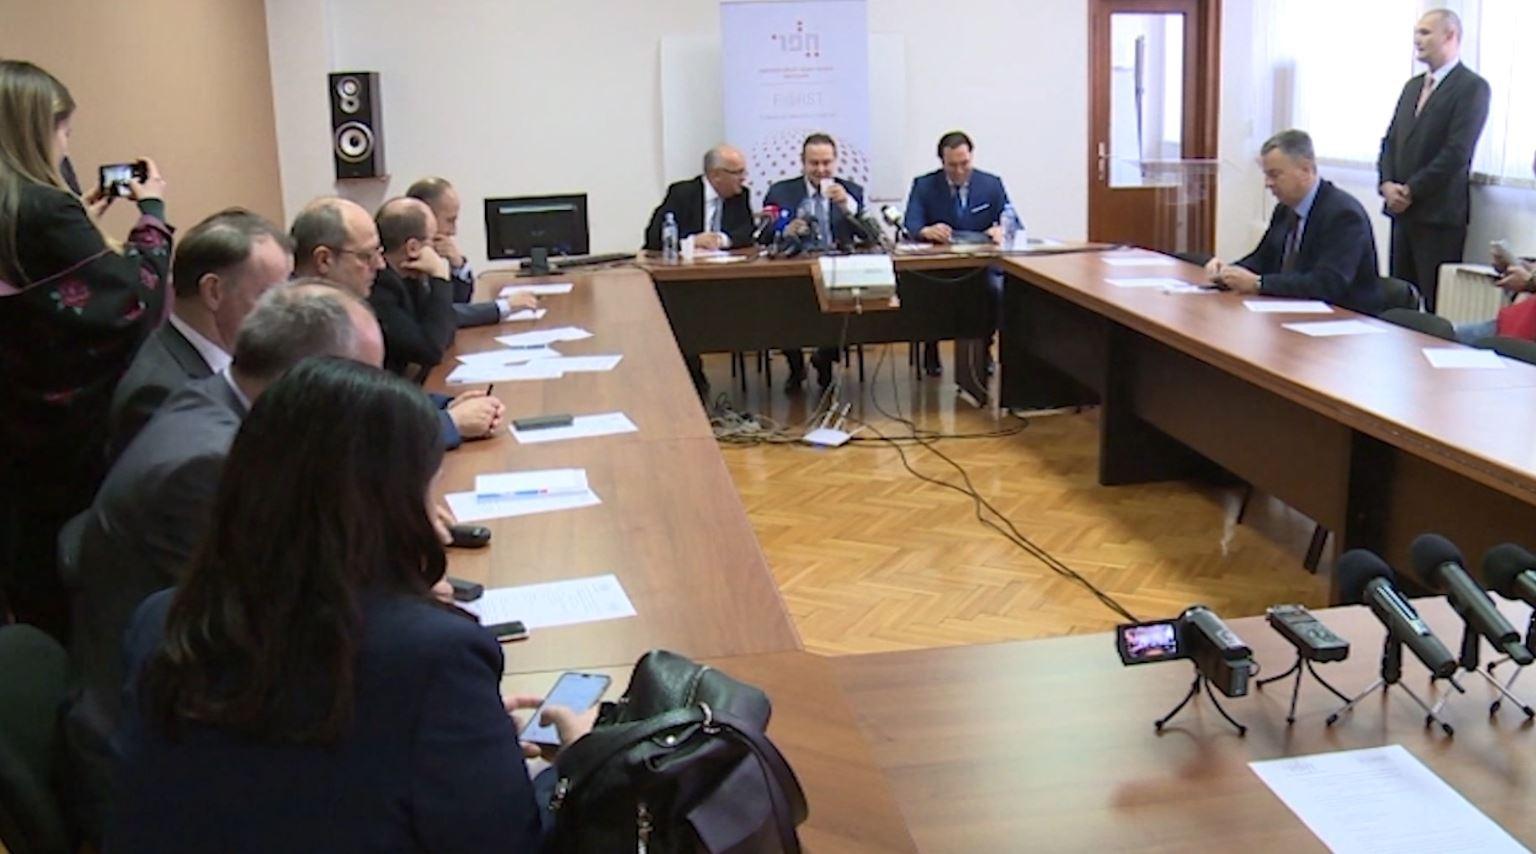 Oferta e Serbisë për Kosovën, Vuçiç pro deklaratës së Daçiç